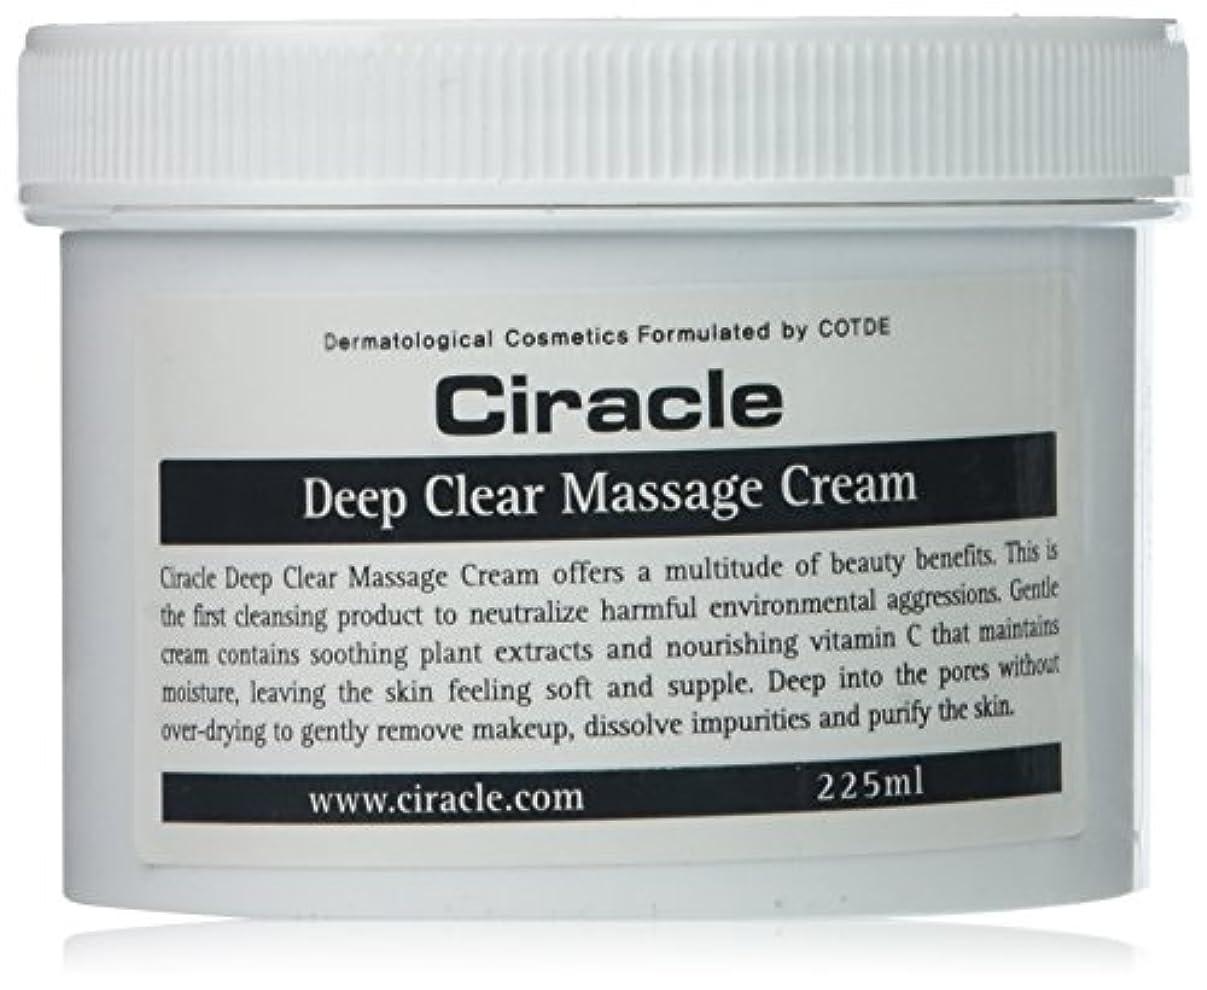 治す動機付ける可能性Ciracle シラクル ディープ クリア マッサージ クリーム 乳液 美白 毛穴縮小 毛穴ケア